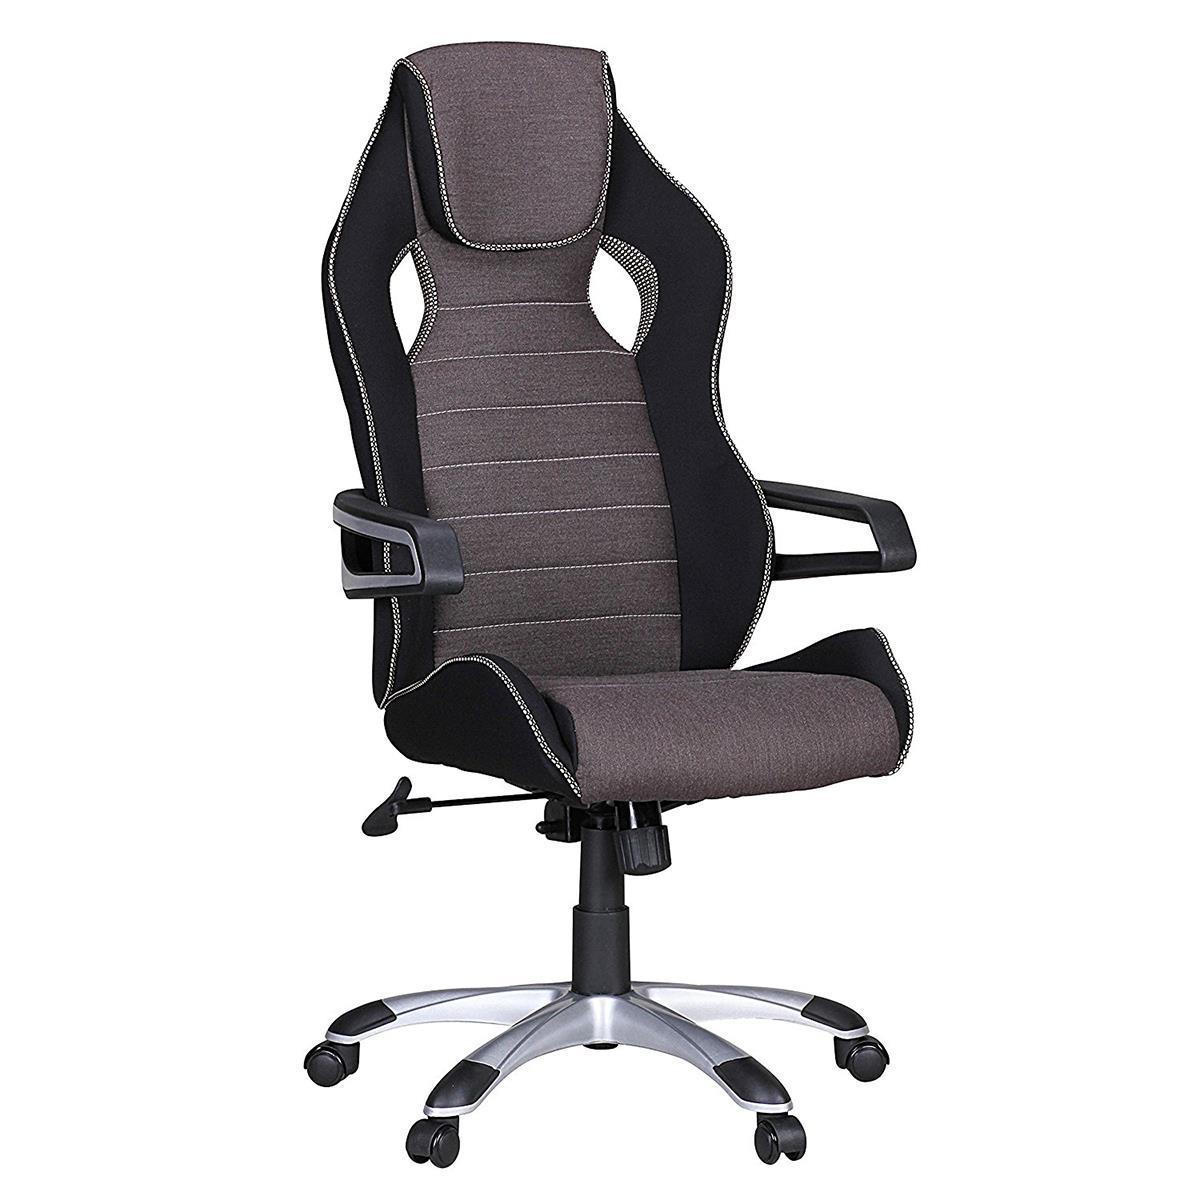 fauteuil gamer dakar pro design exclusif avec coutures en tissu noir et gris